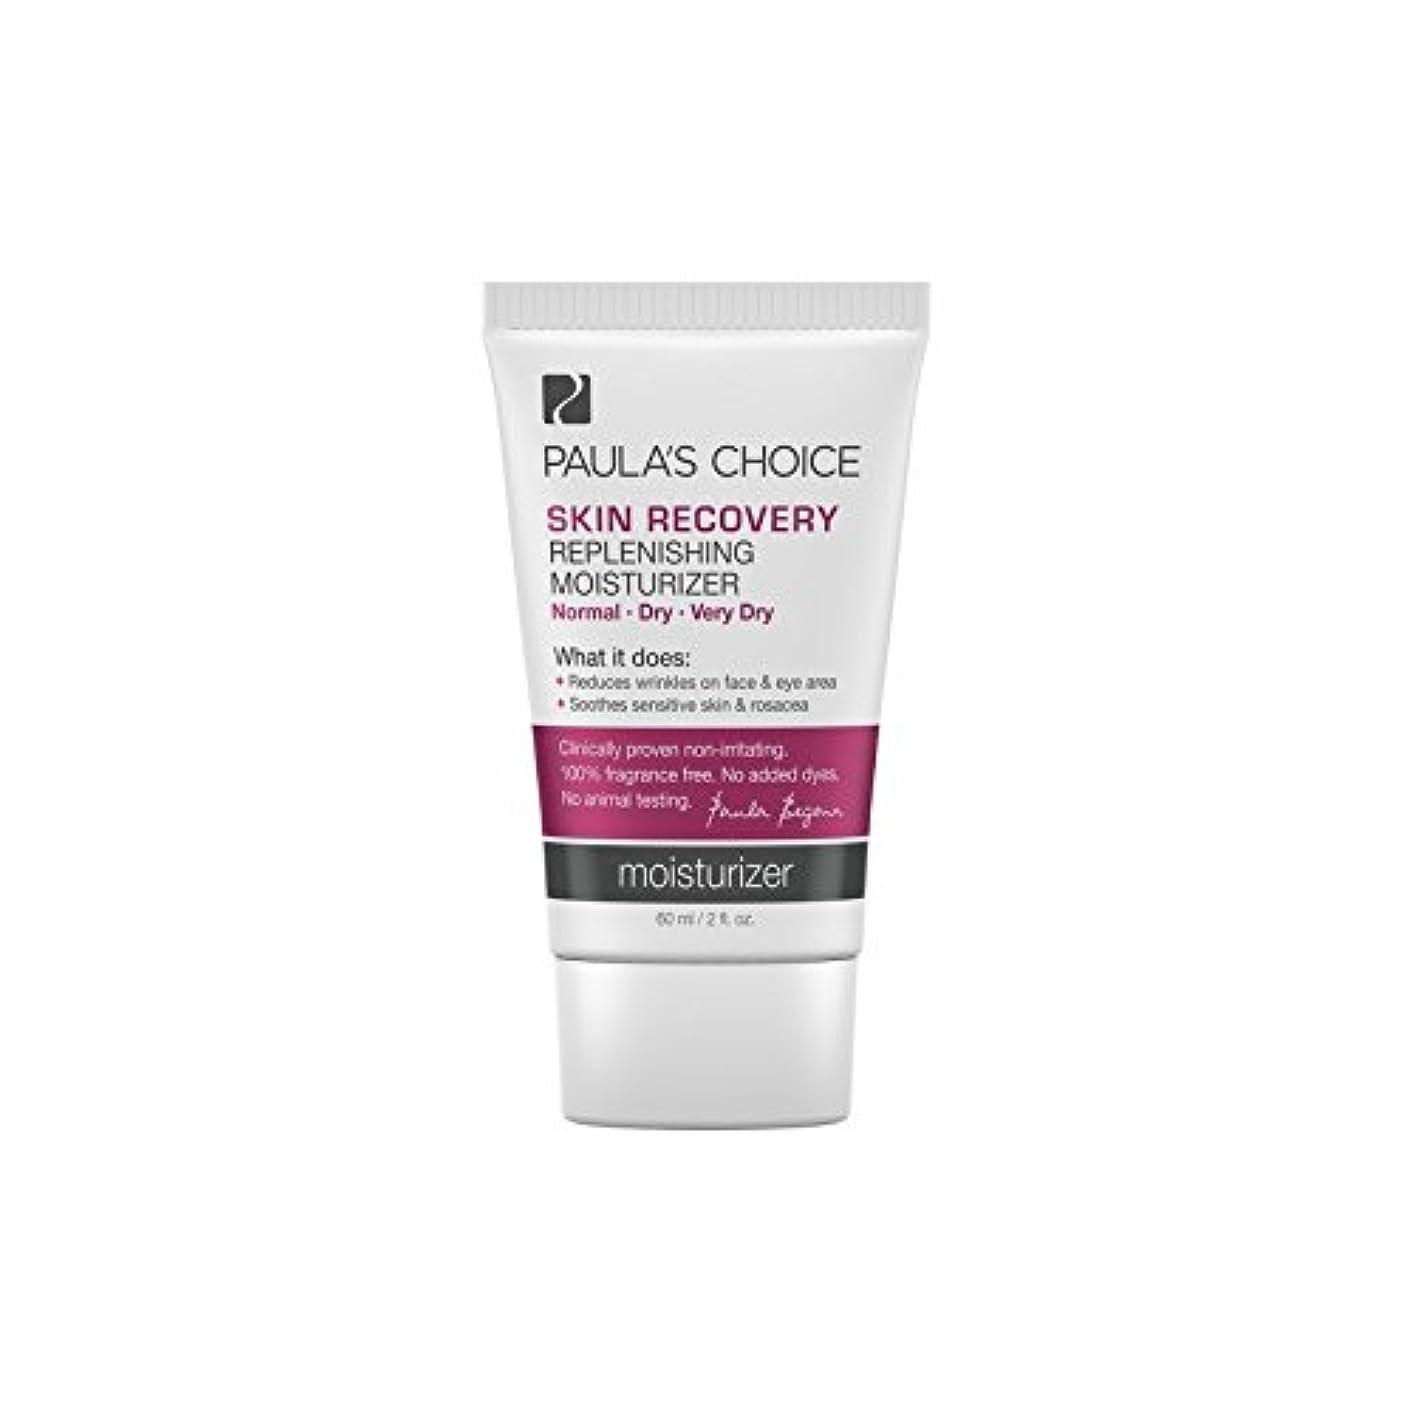 鳩安定断片Paula's Choice Skin Recovery Replenishing Moisturizer (60ml) (Pack of 6) - ポーラチョイスの肌の回復補充保湿(60ミリリットル) x6 [並行輸入品]